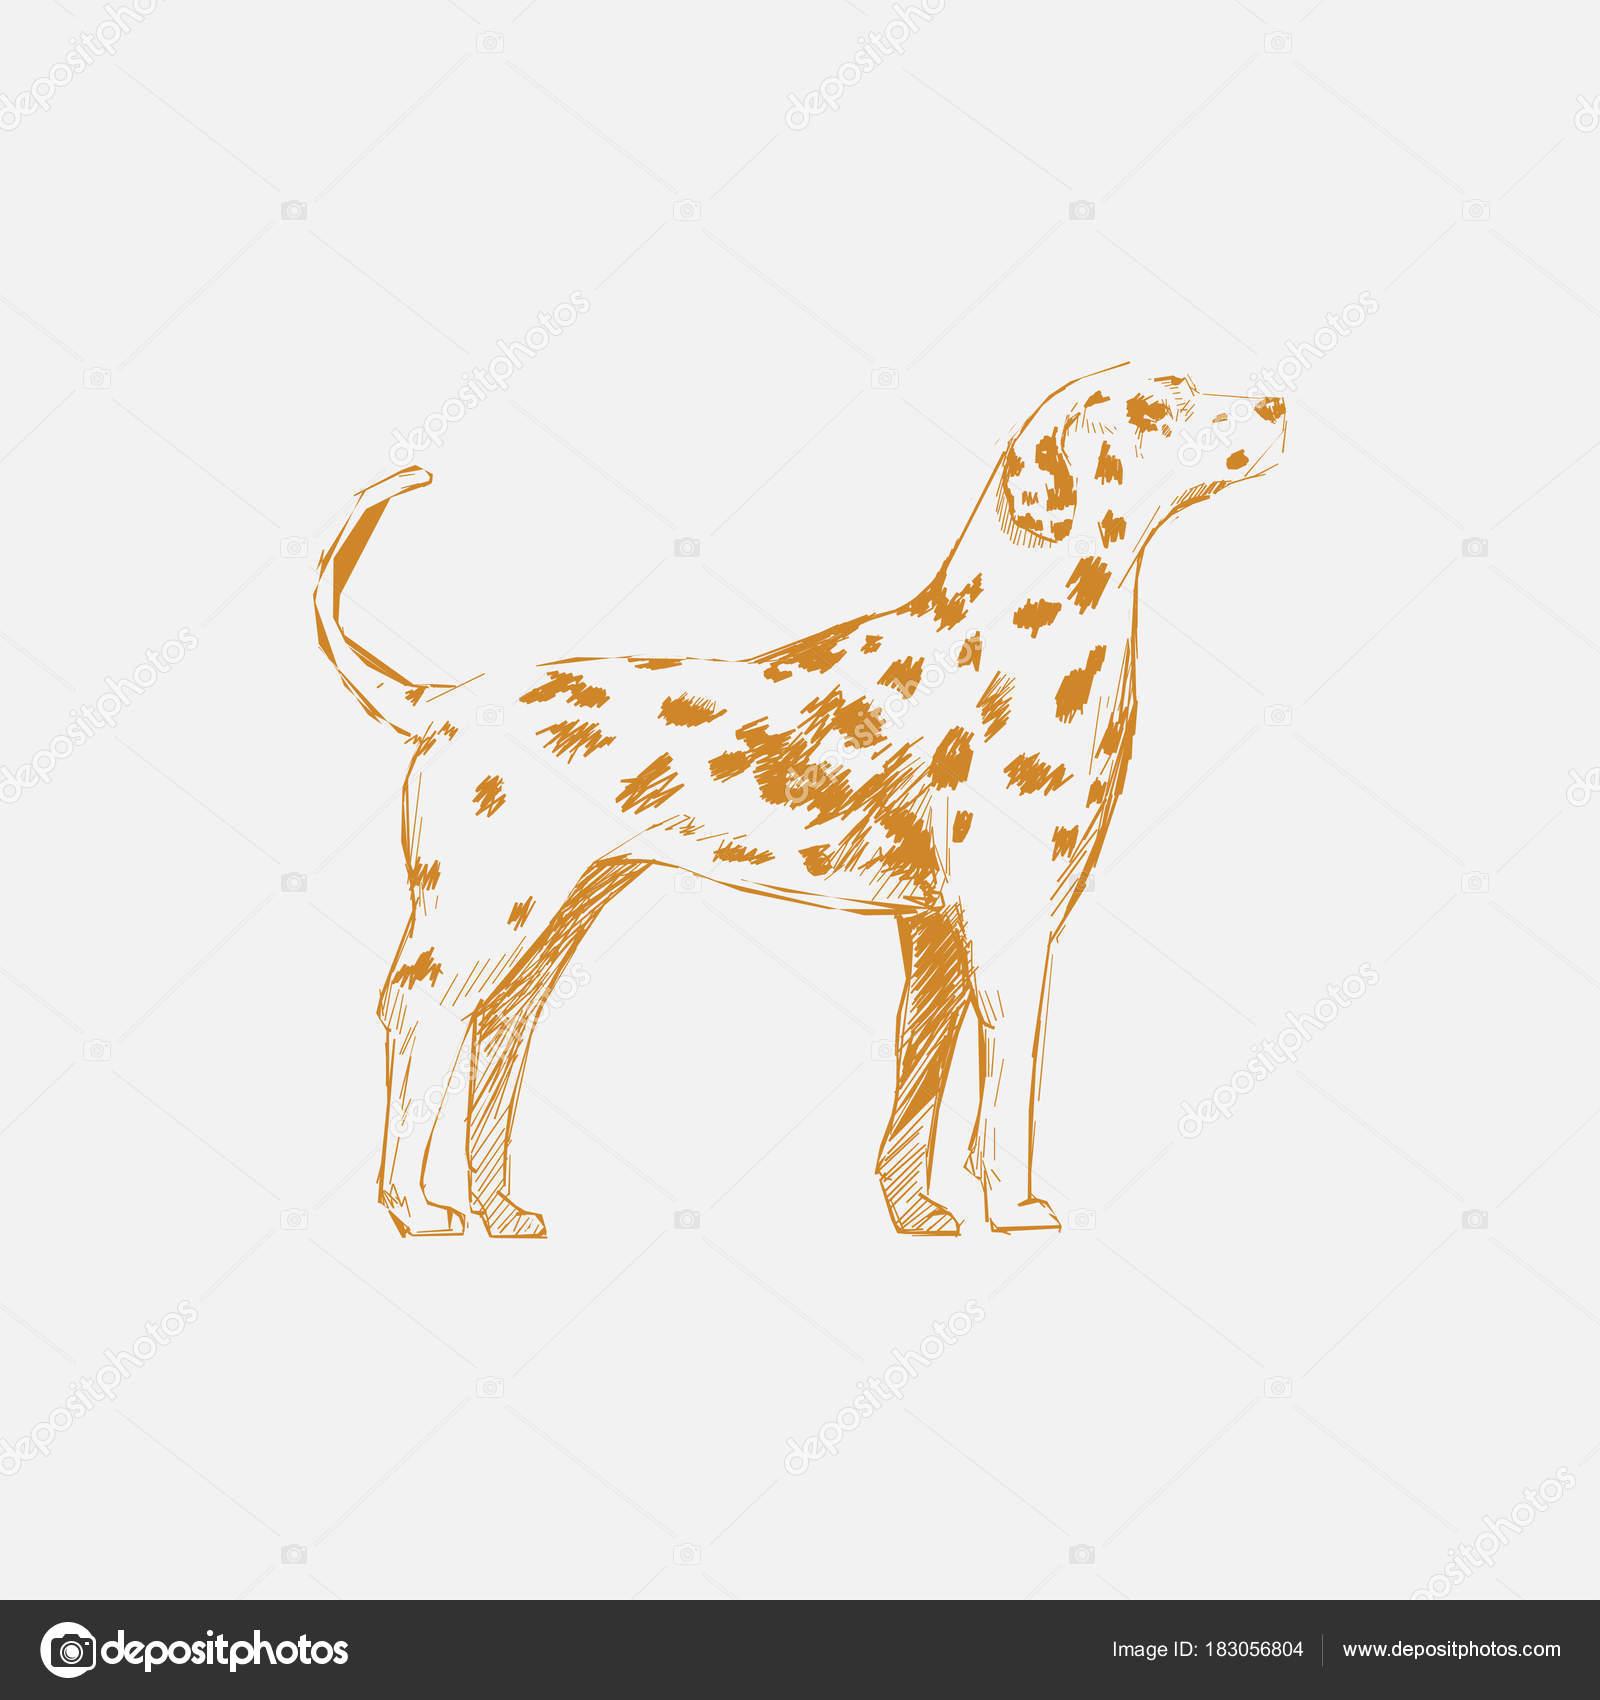 犬のイラストの描き方 ストック写真 Rawpixel 183056804